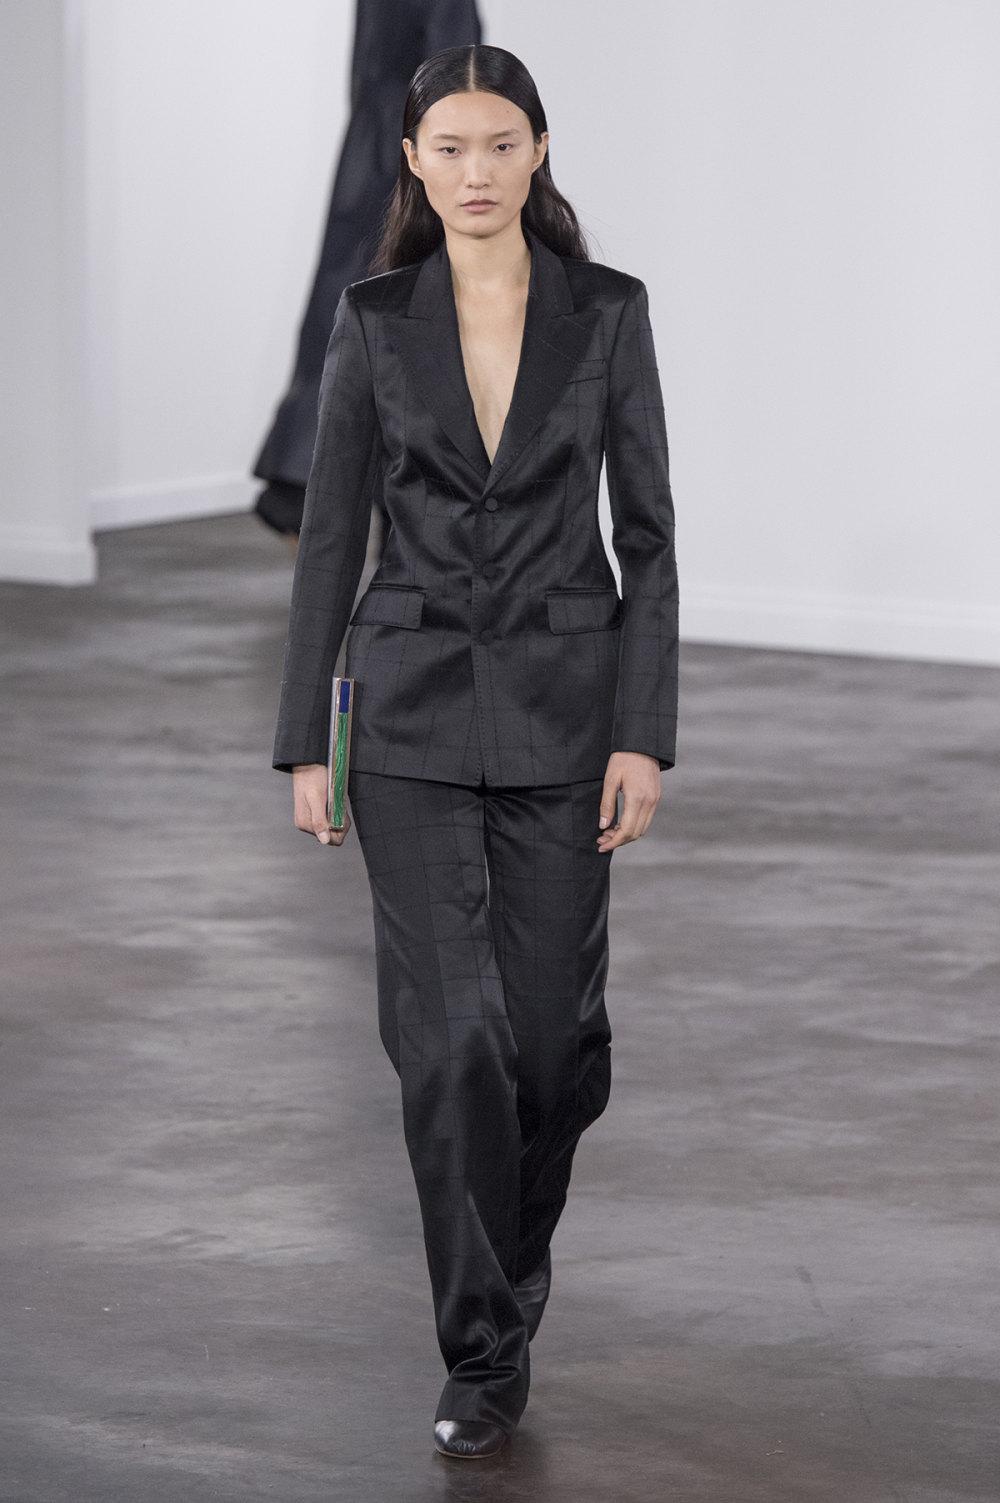 Gabriela Hearst时装系列细条纹西装和宽大毛衣之间形成鲜明对比-35.jpg